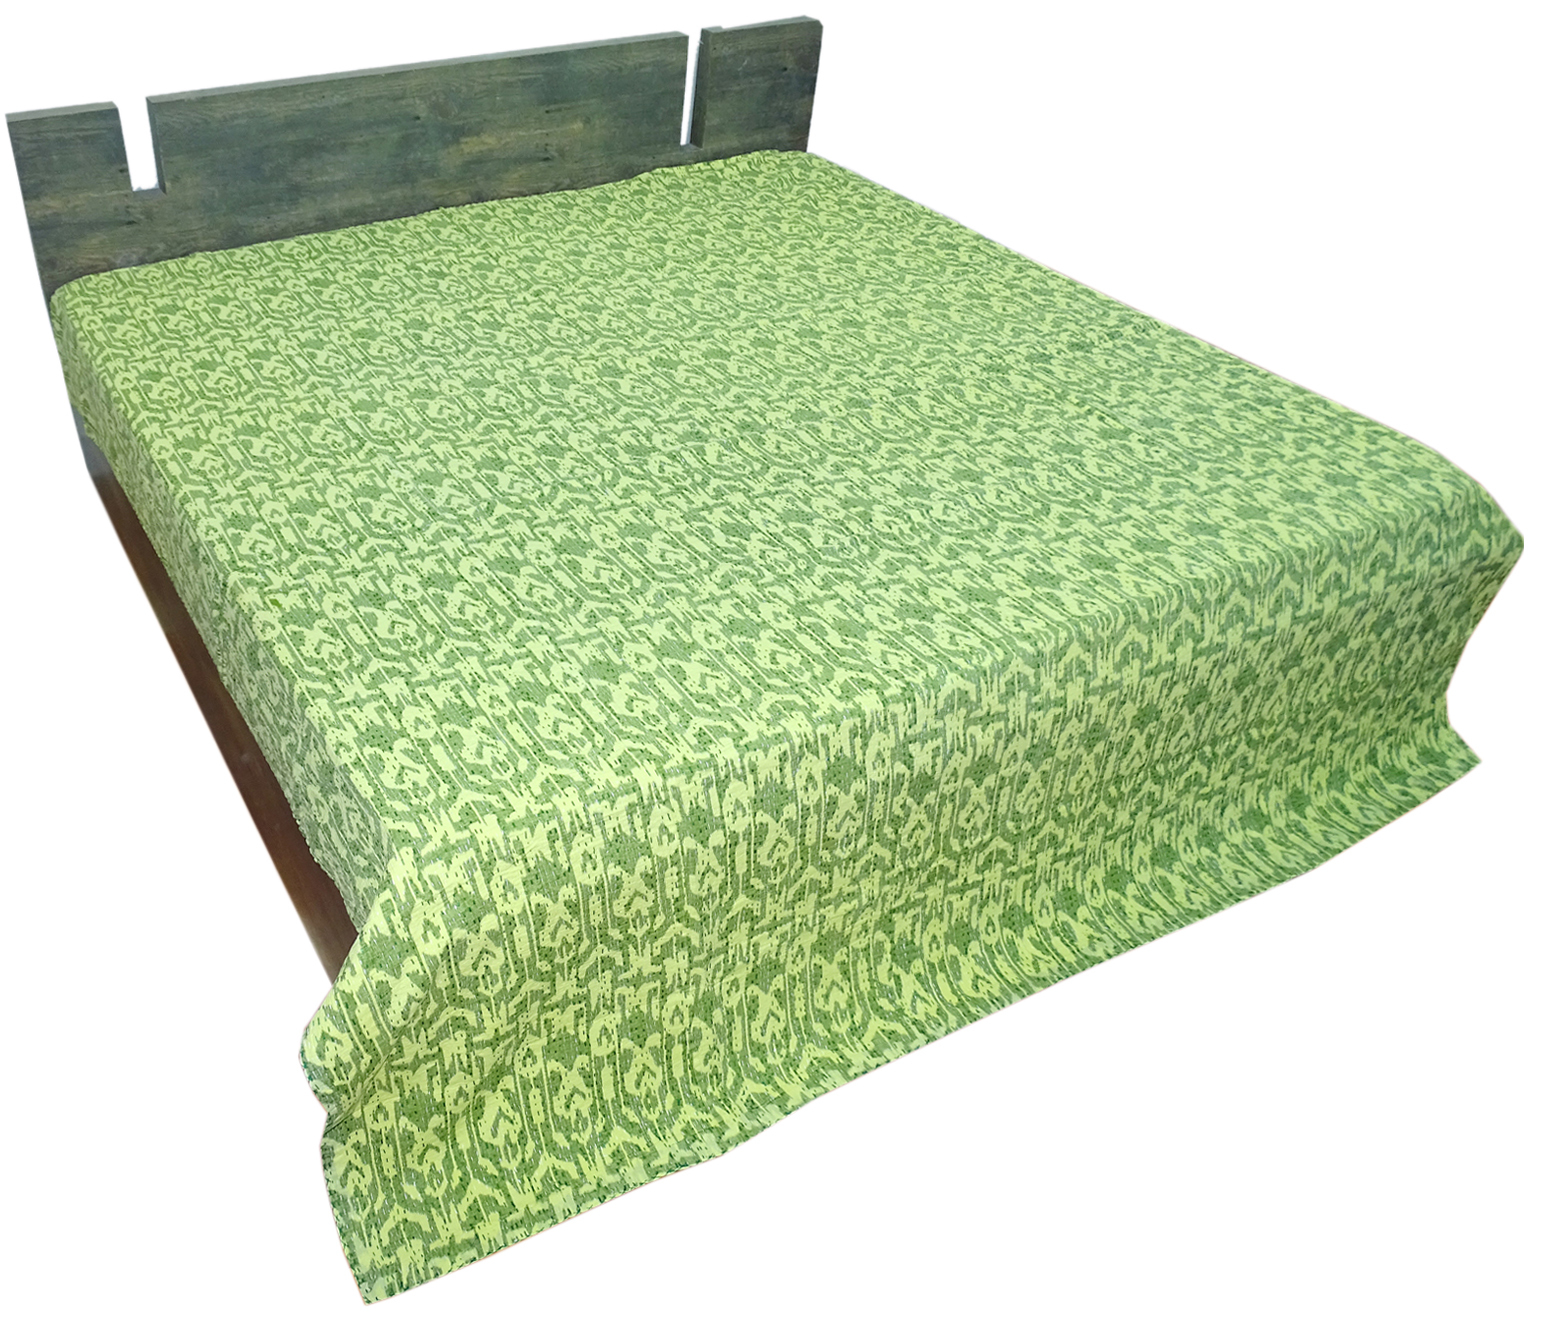 Ikat Design Kantha Quilt & Bedspread